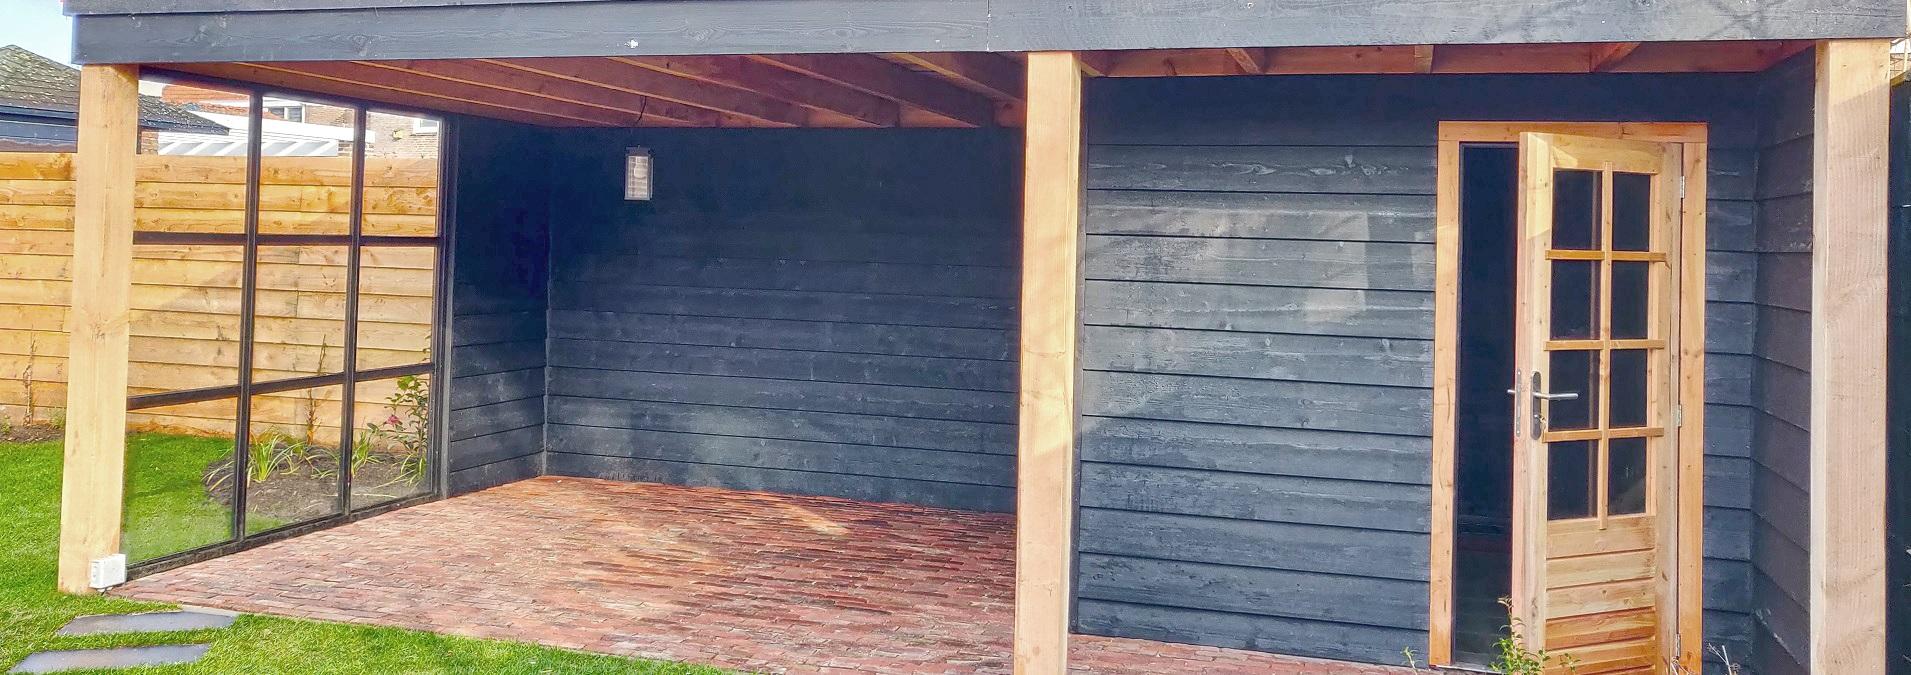 Onwijs tuinhuis-overkapping-teteringen-glaswand - Van Rijn Tuinoplossingen RZ-17